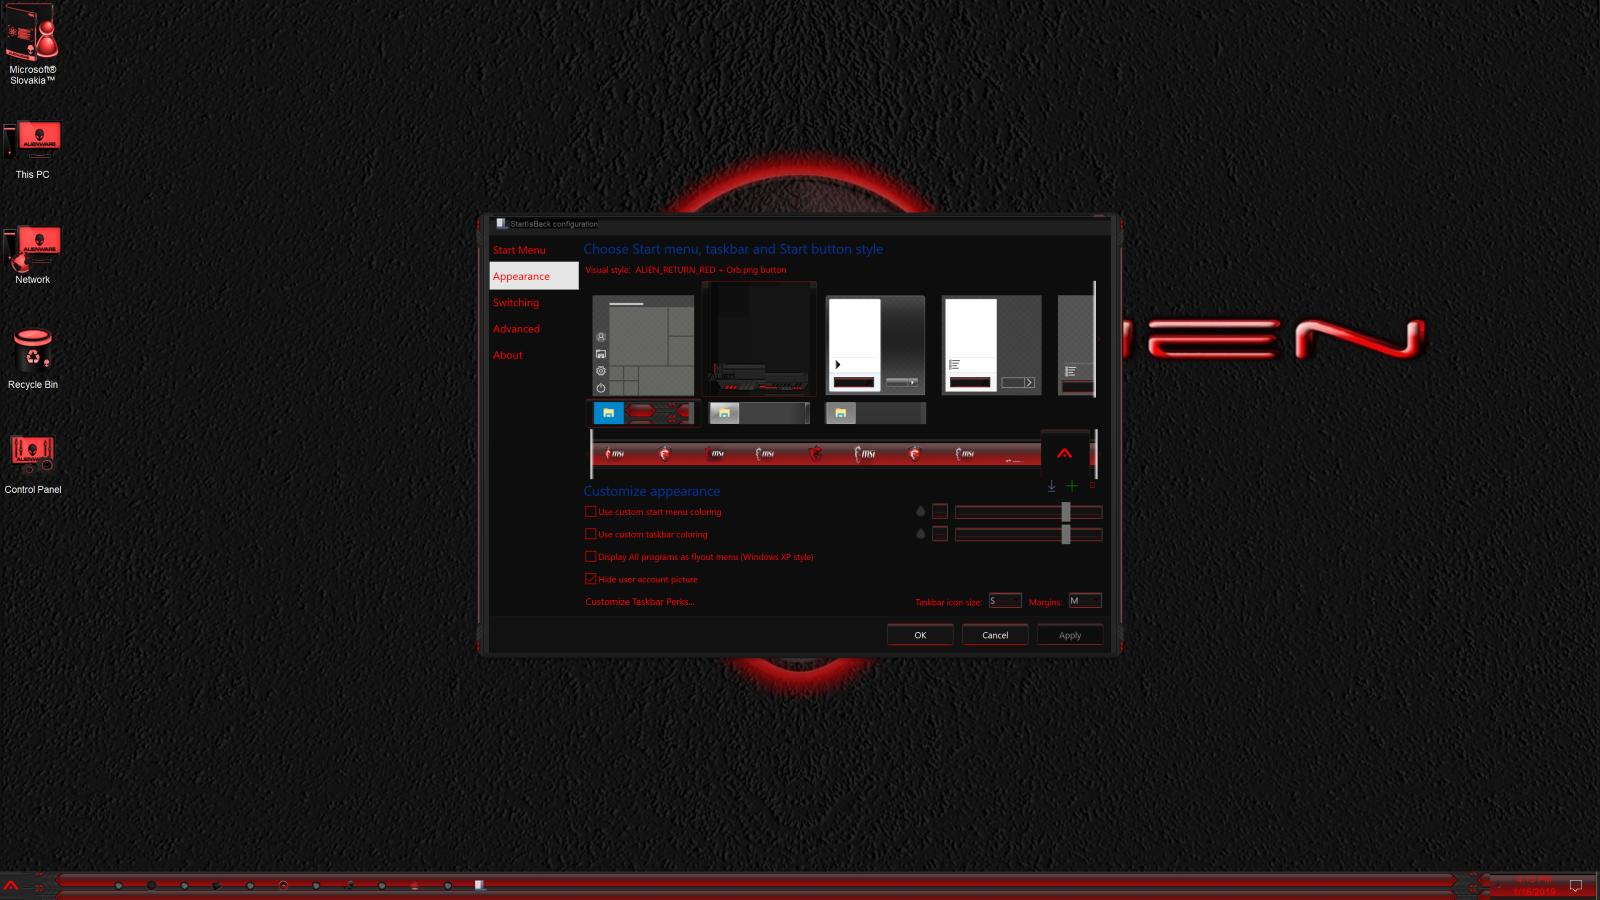 Alien Return Red for Windows 10 Build 1903-21h2